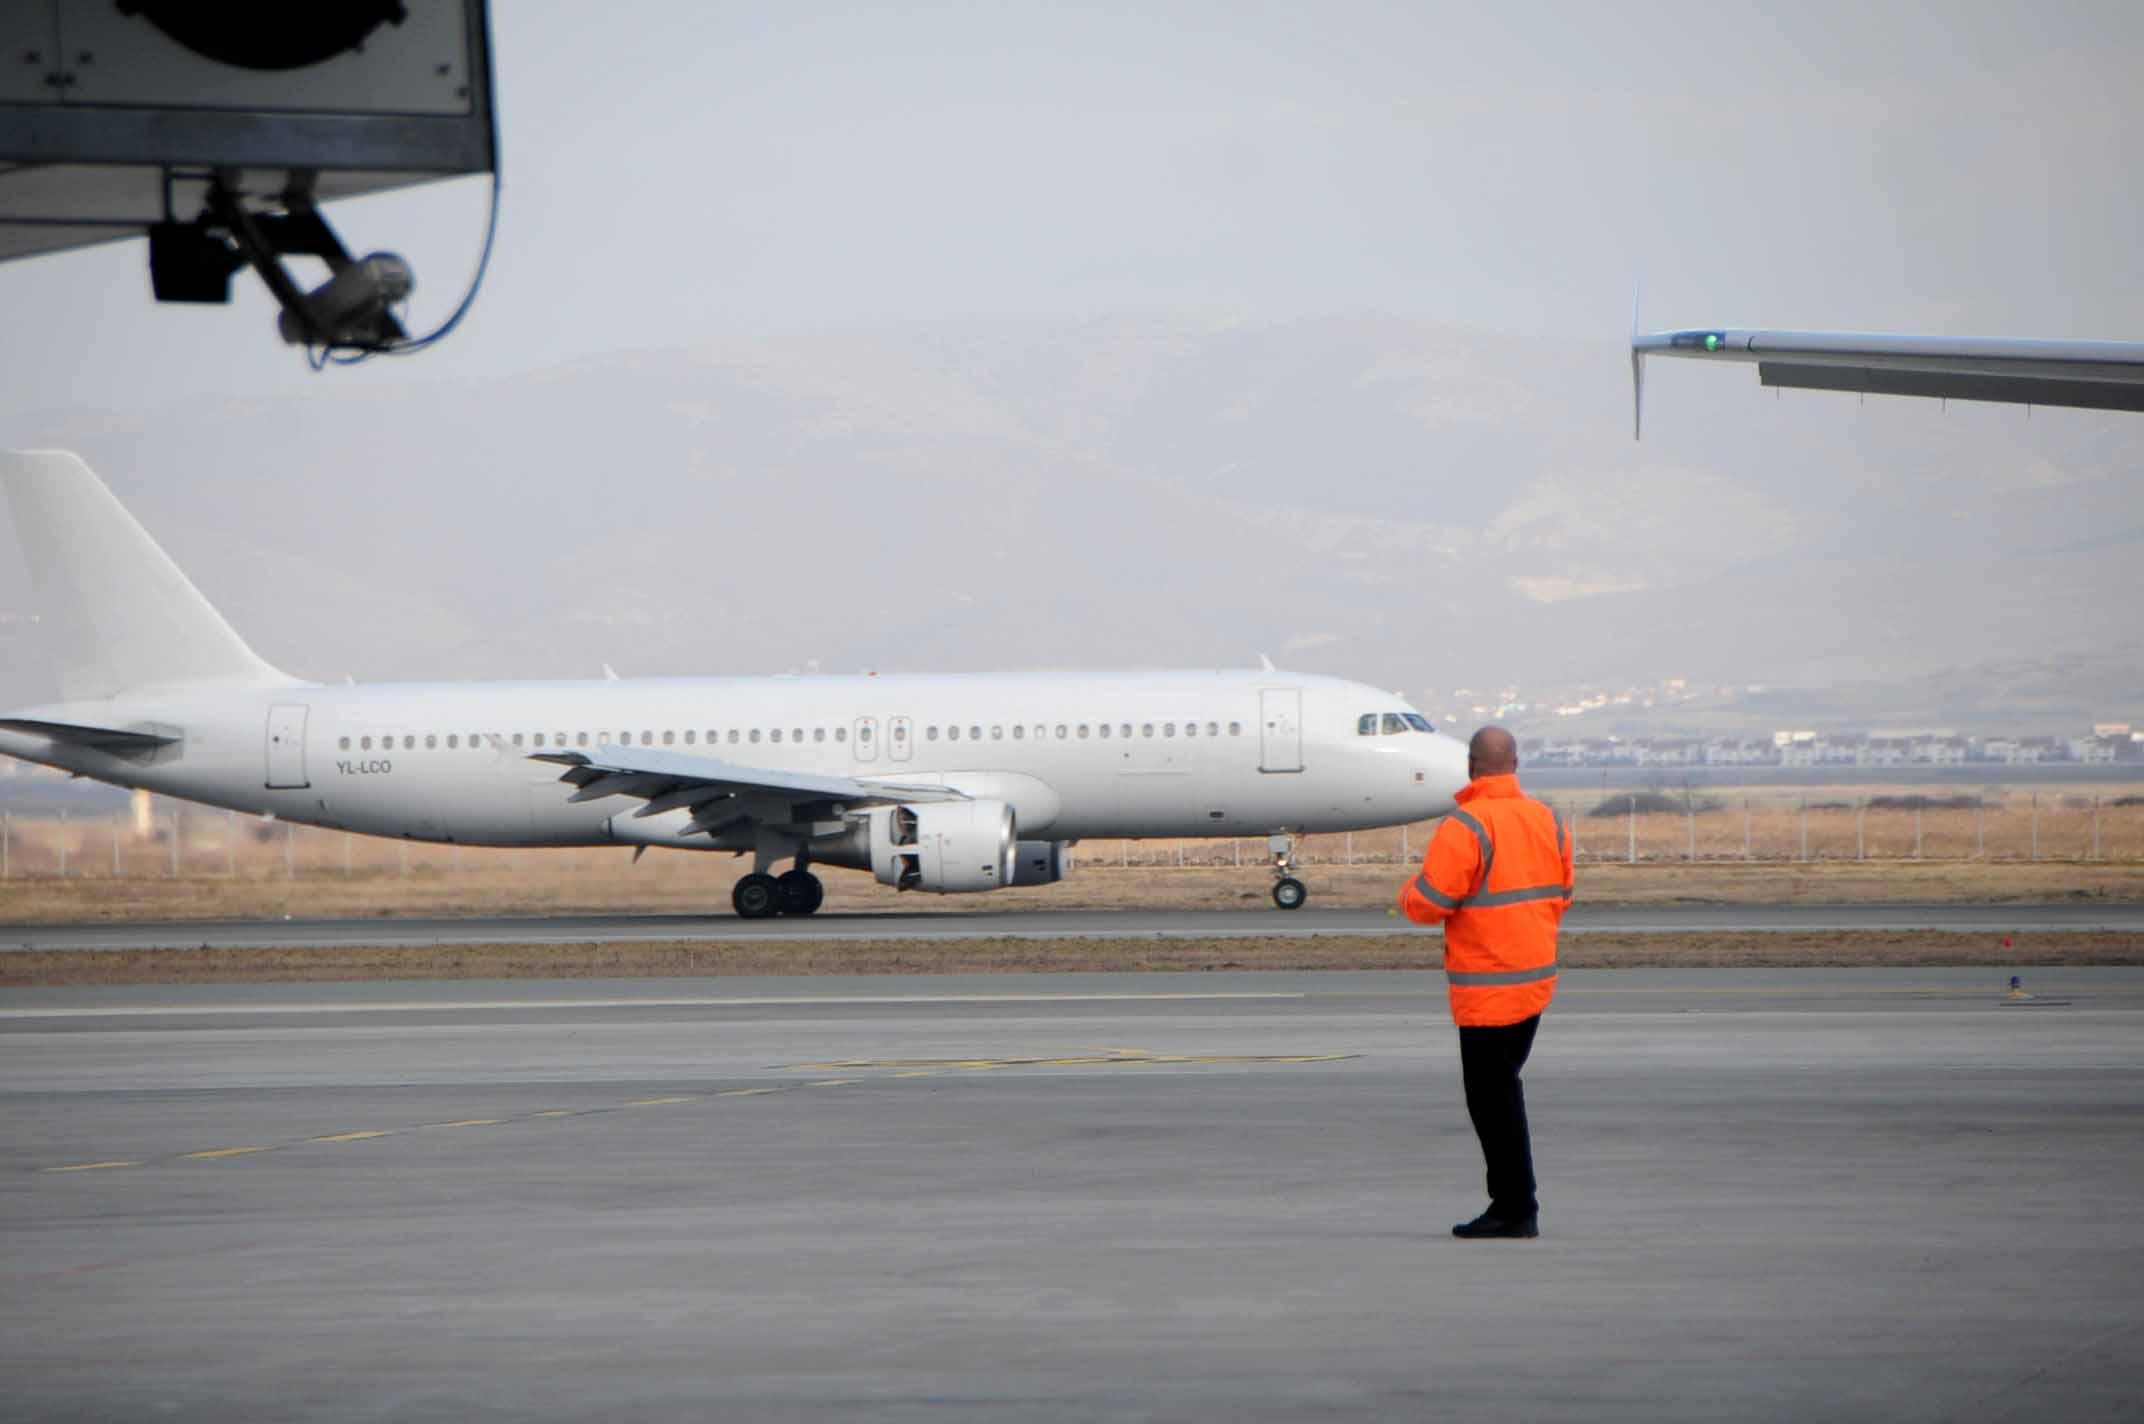 AAC inspekton disa aeroplanë, nuk janë vërejtur parregullsi